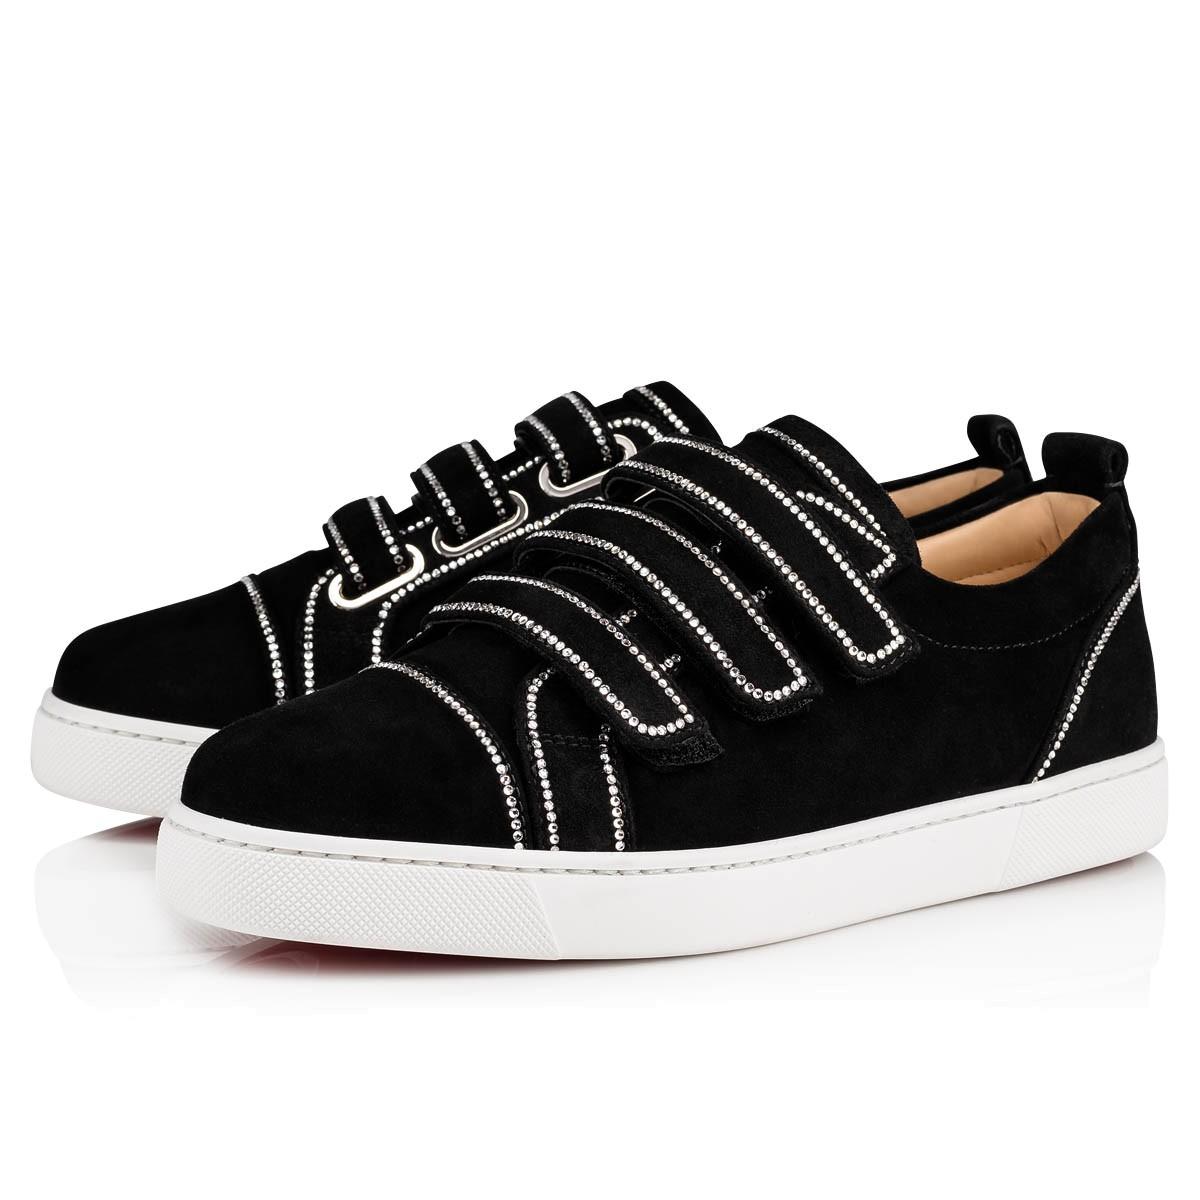 Shoes - Kiddo Bordo Donna - Christian Louboutin